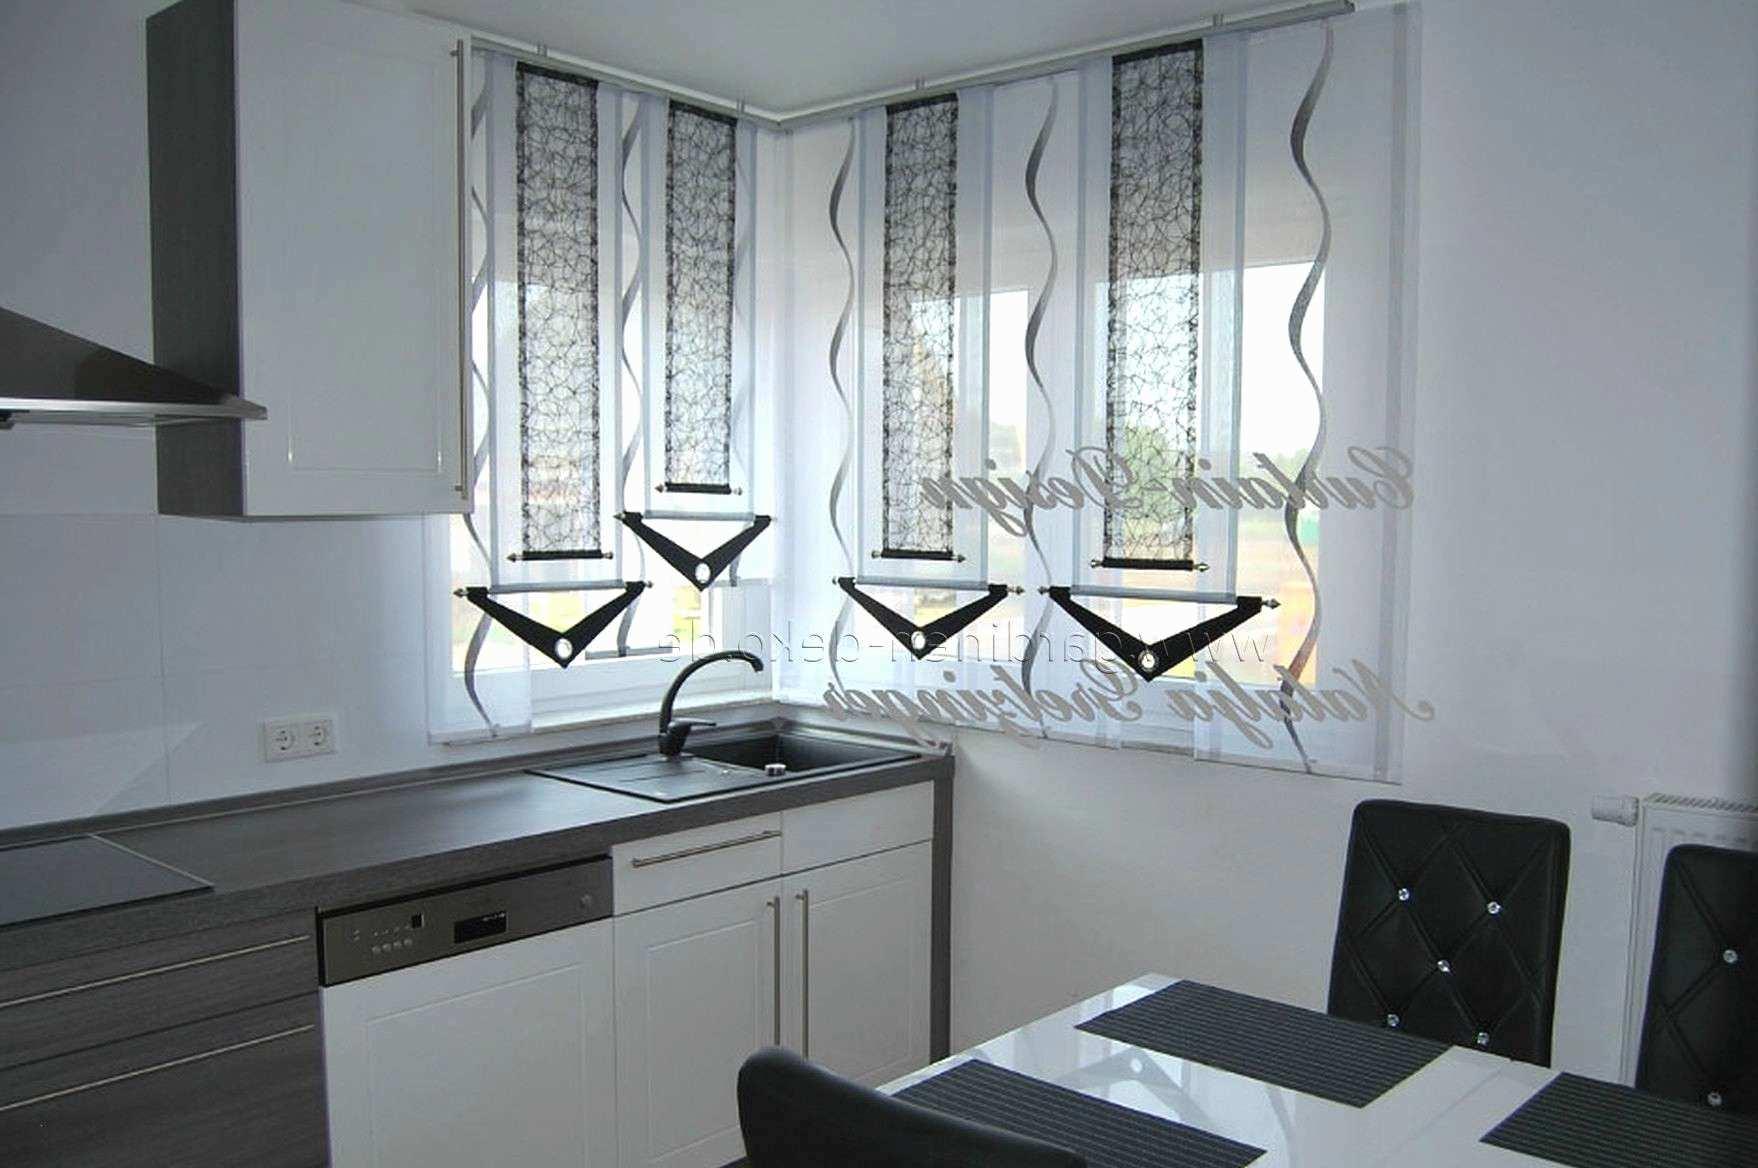 Full Size of Küchen Raffrollo Moderne Gardinen Fr Wohnzimmer Frisch Kche Modern Regal Küche Wohnzimmer Küchen Raffrollo